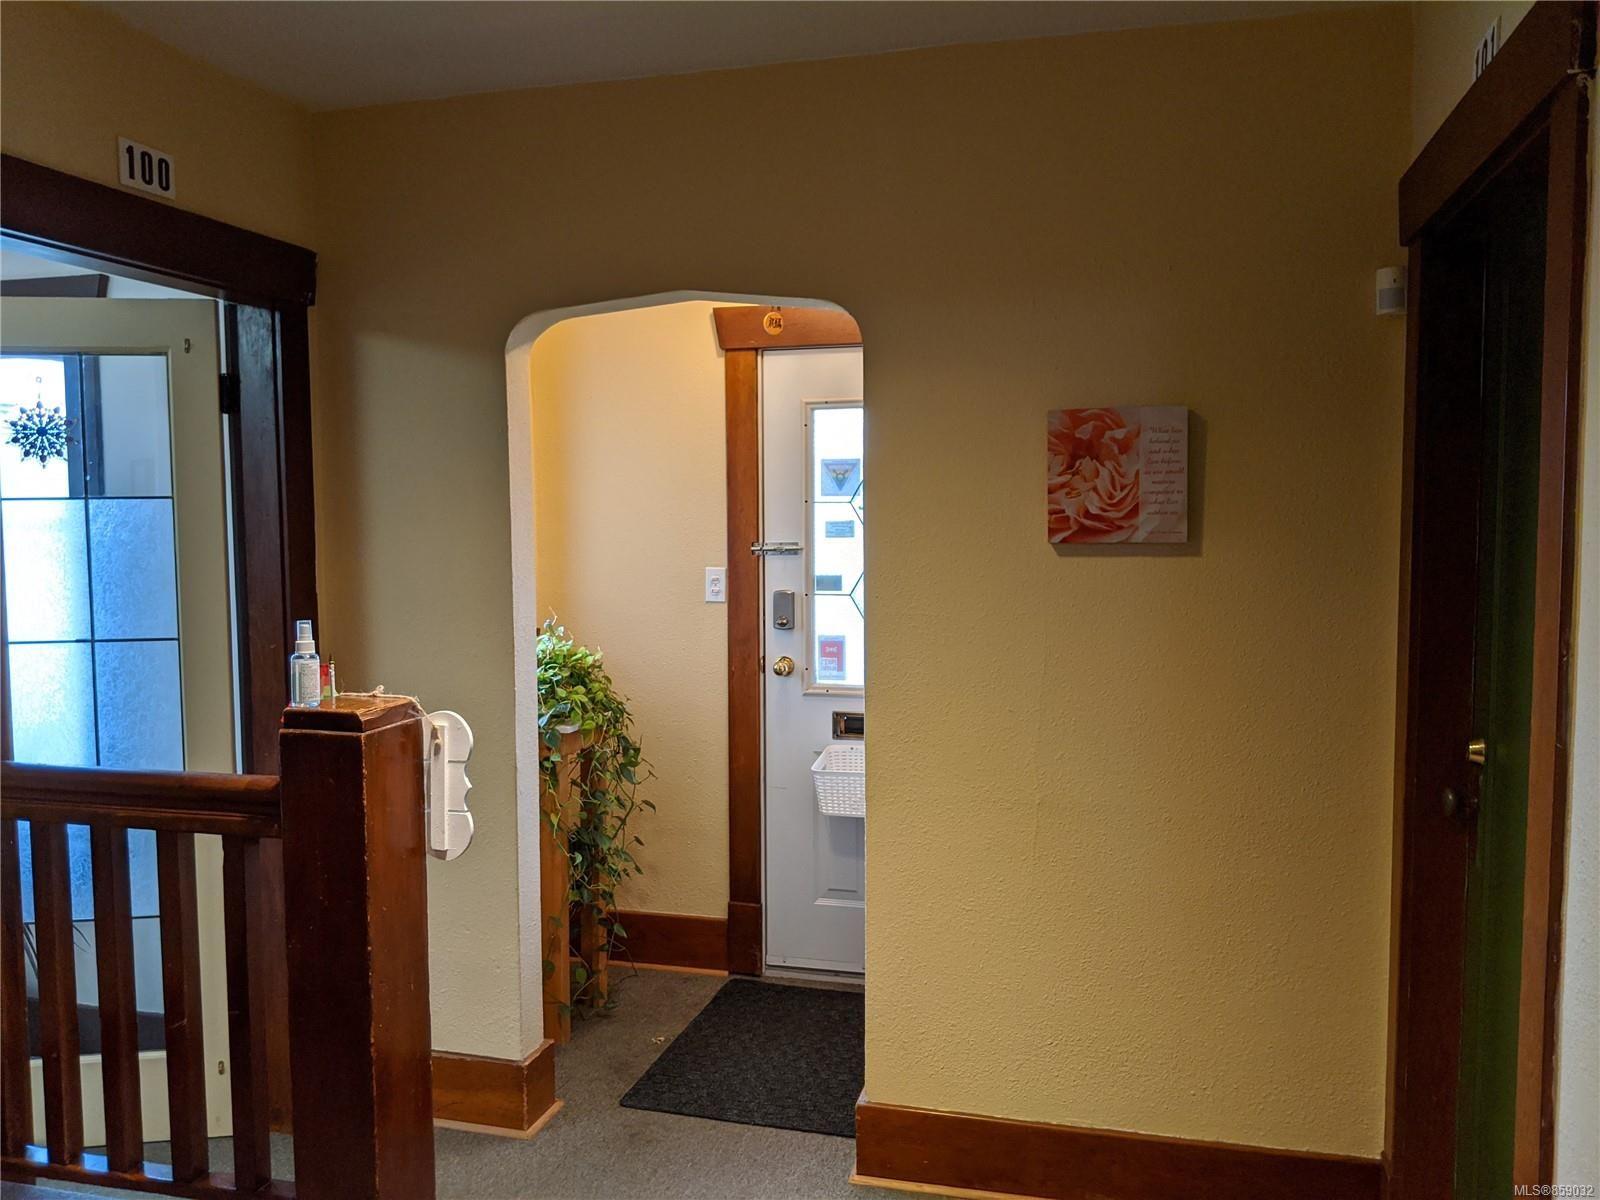 Photo 6: Photos: 331 St. Julian St in : Du West Duncan Office for sale (Duncan)  : MLS®# 859032